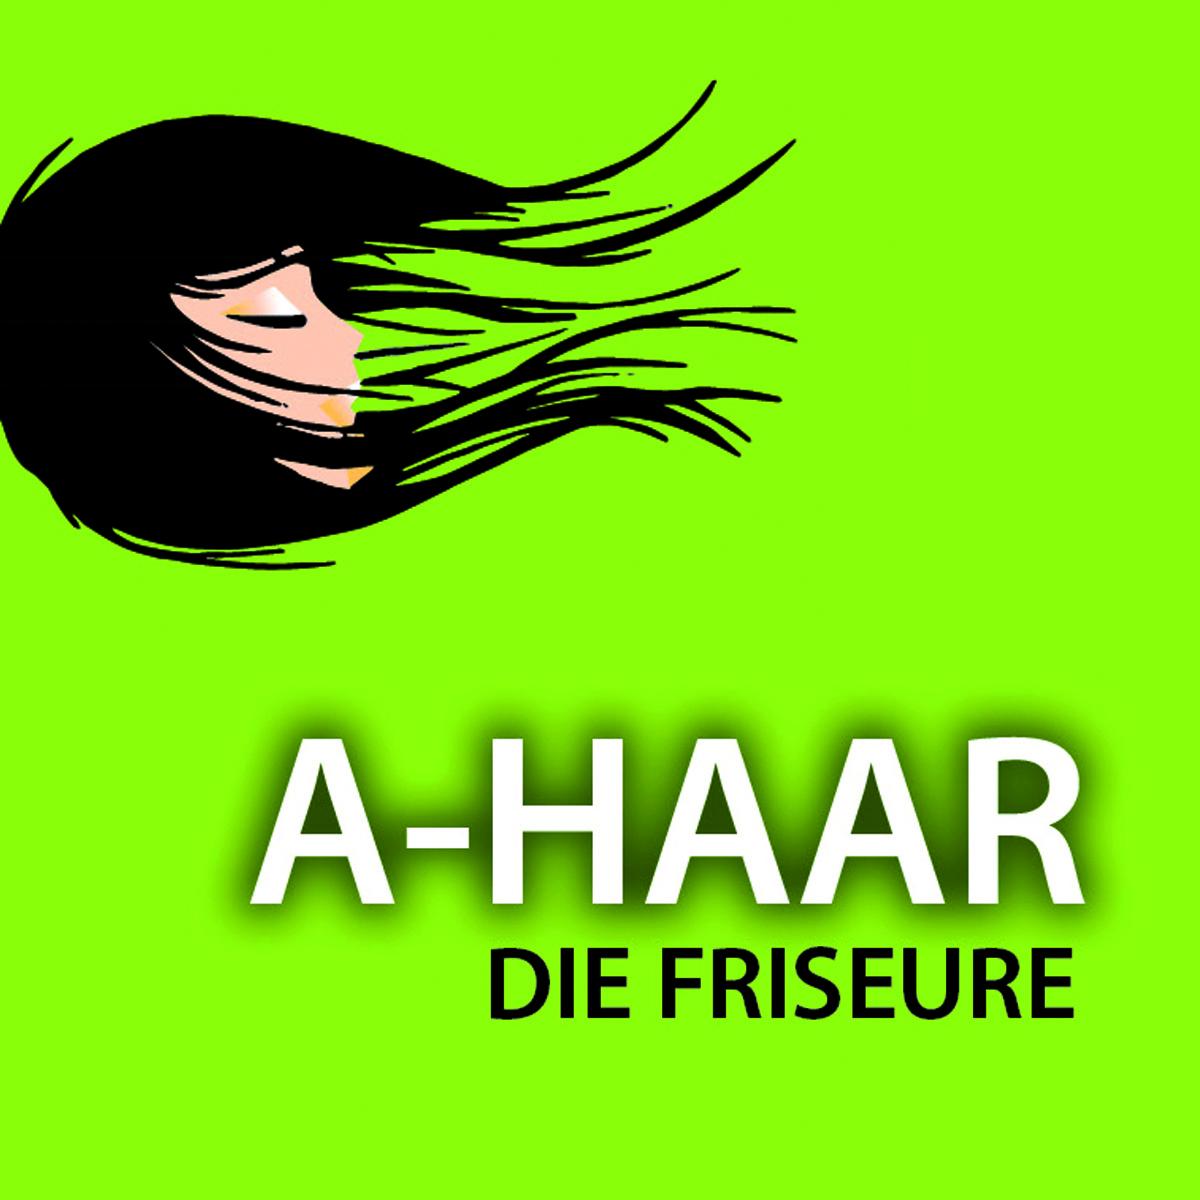 Bild zu A-Haar Die Friseure in Bottrop